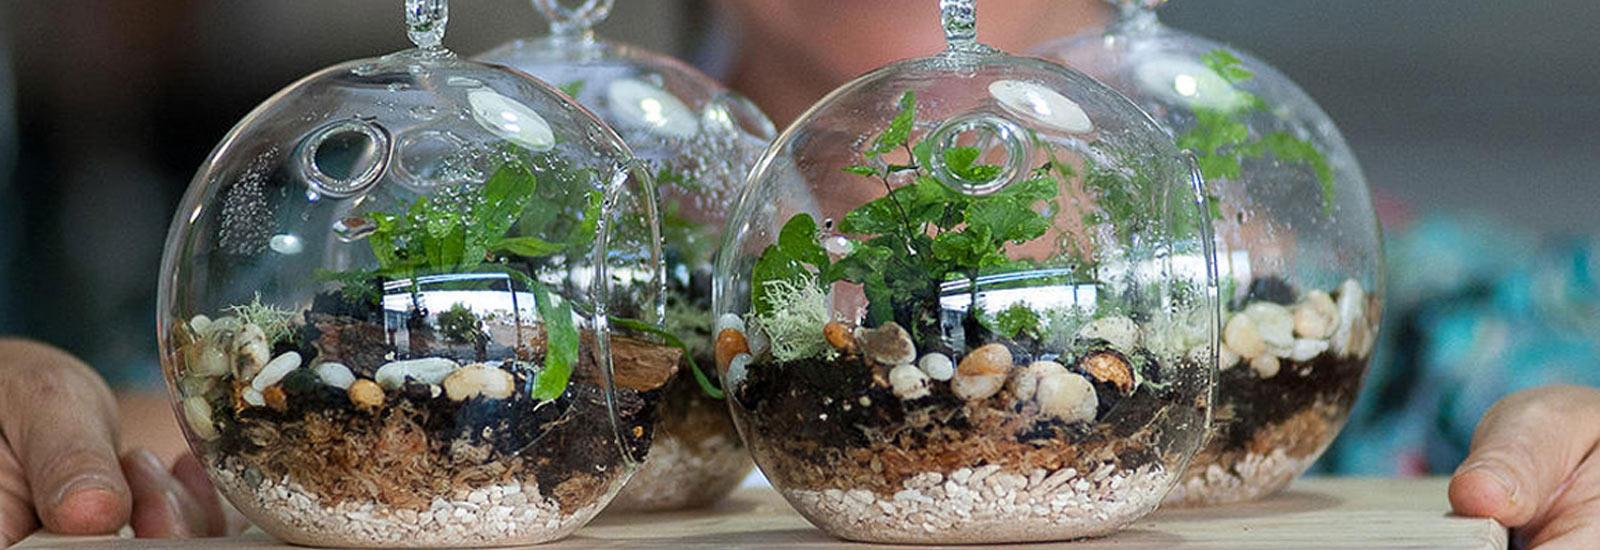 تراریوم، باغ شیشه ای یا گلخانه مینیاتوری